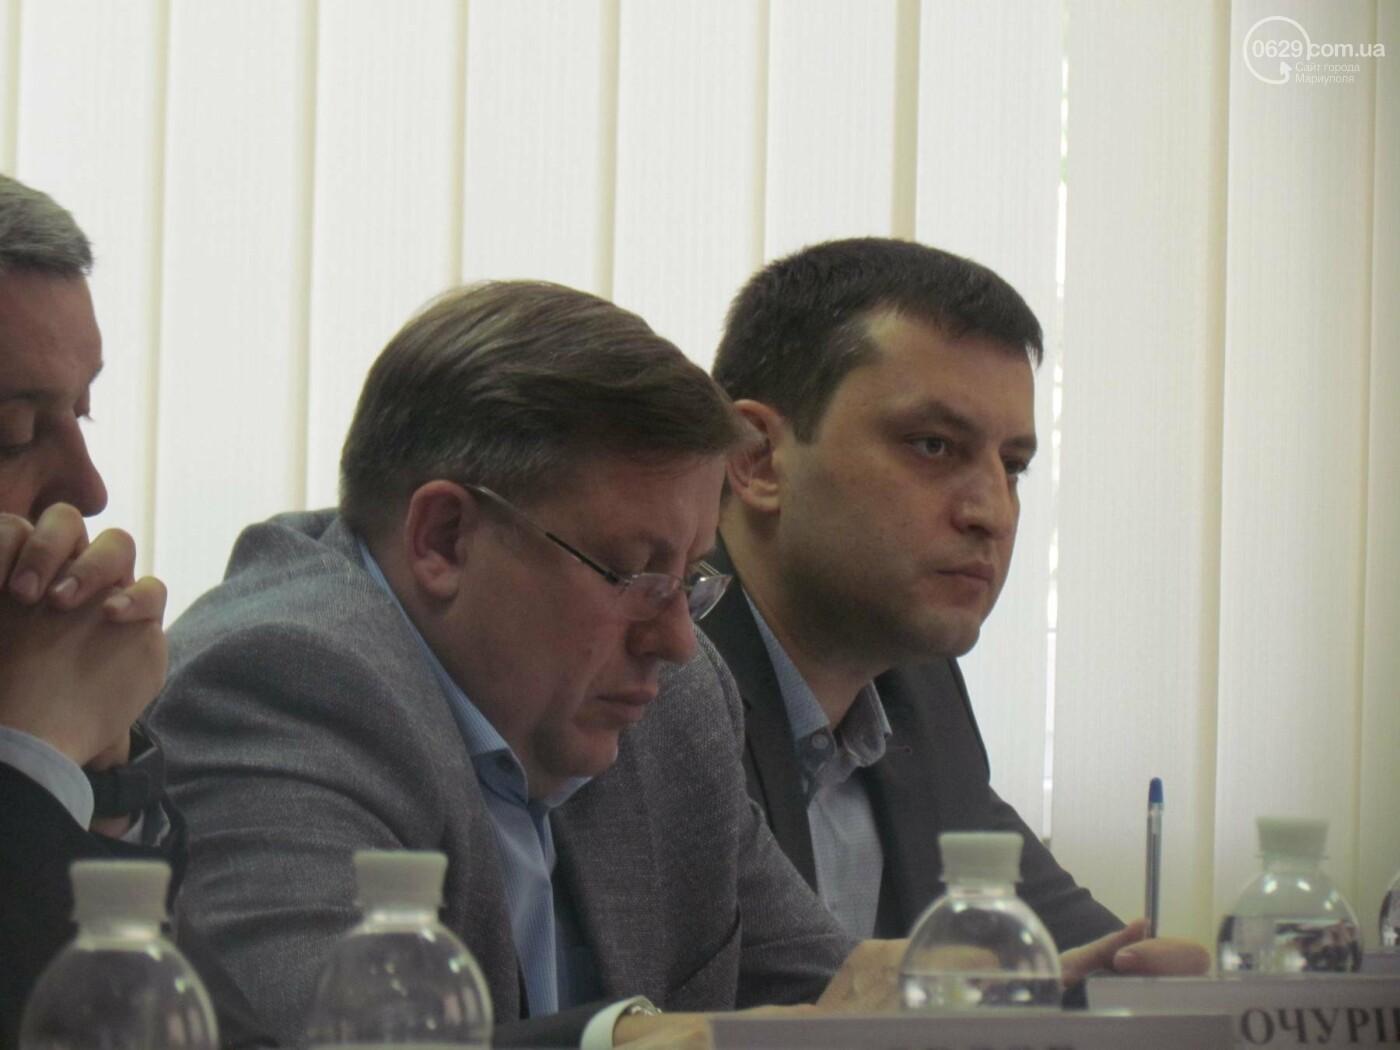 В Мариуполе отчитались об исполнении бюджета: всё идет по амбициозному плану, - ФОТО, фото-6